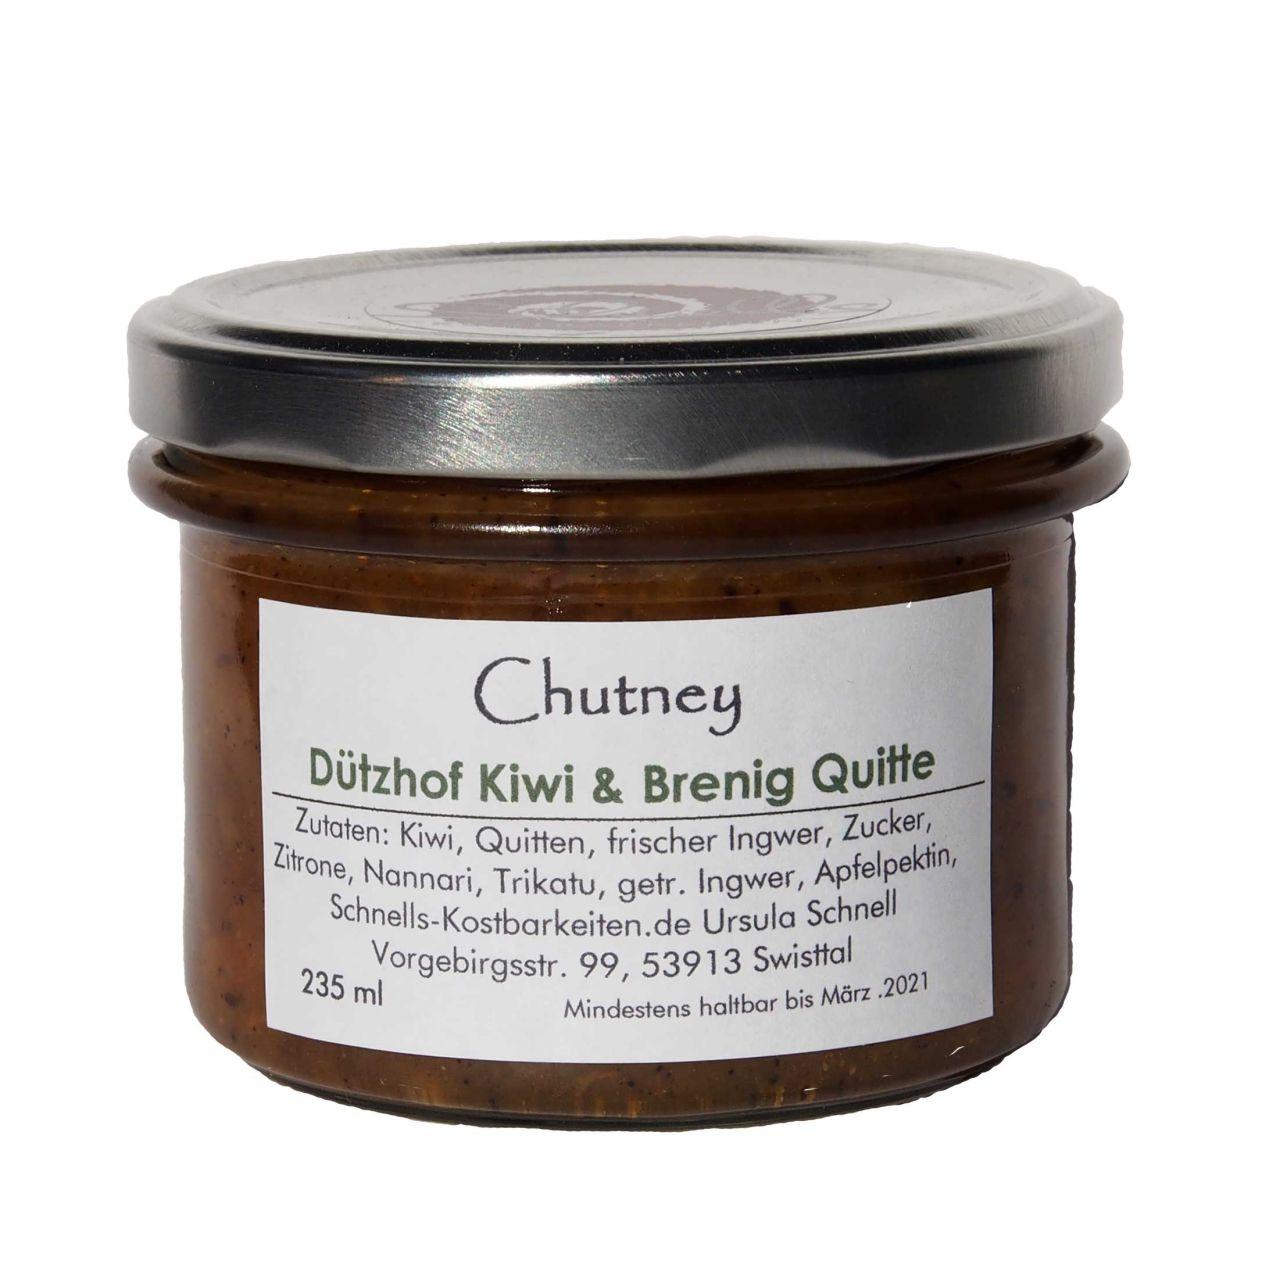 Chutney Dützhof Kiwi & Brenig Quitte